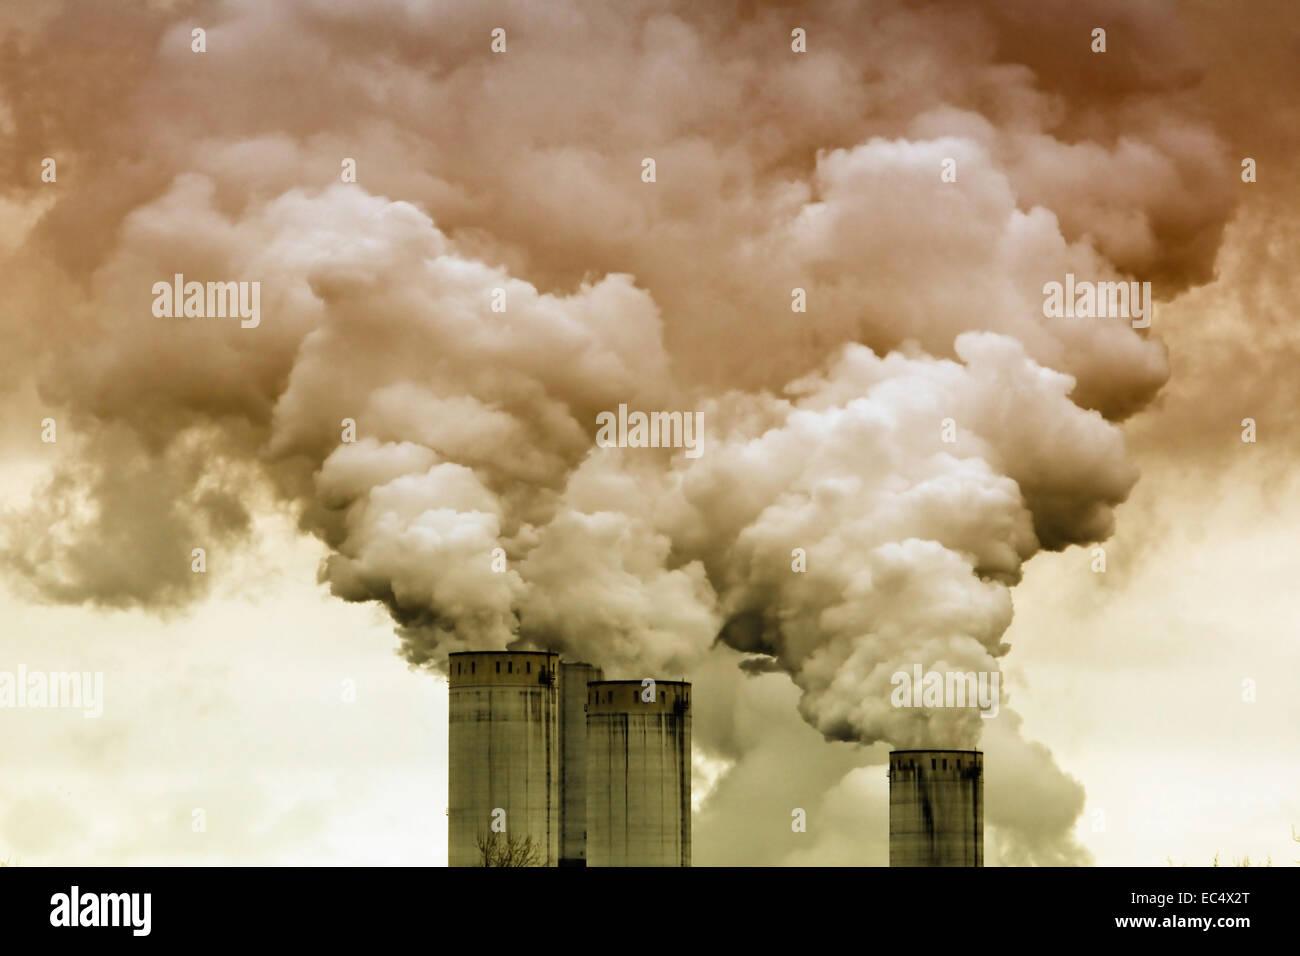 Powerplant - Stock Image